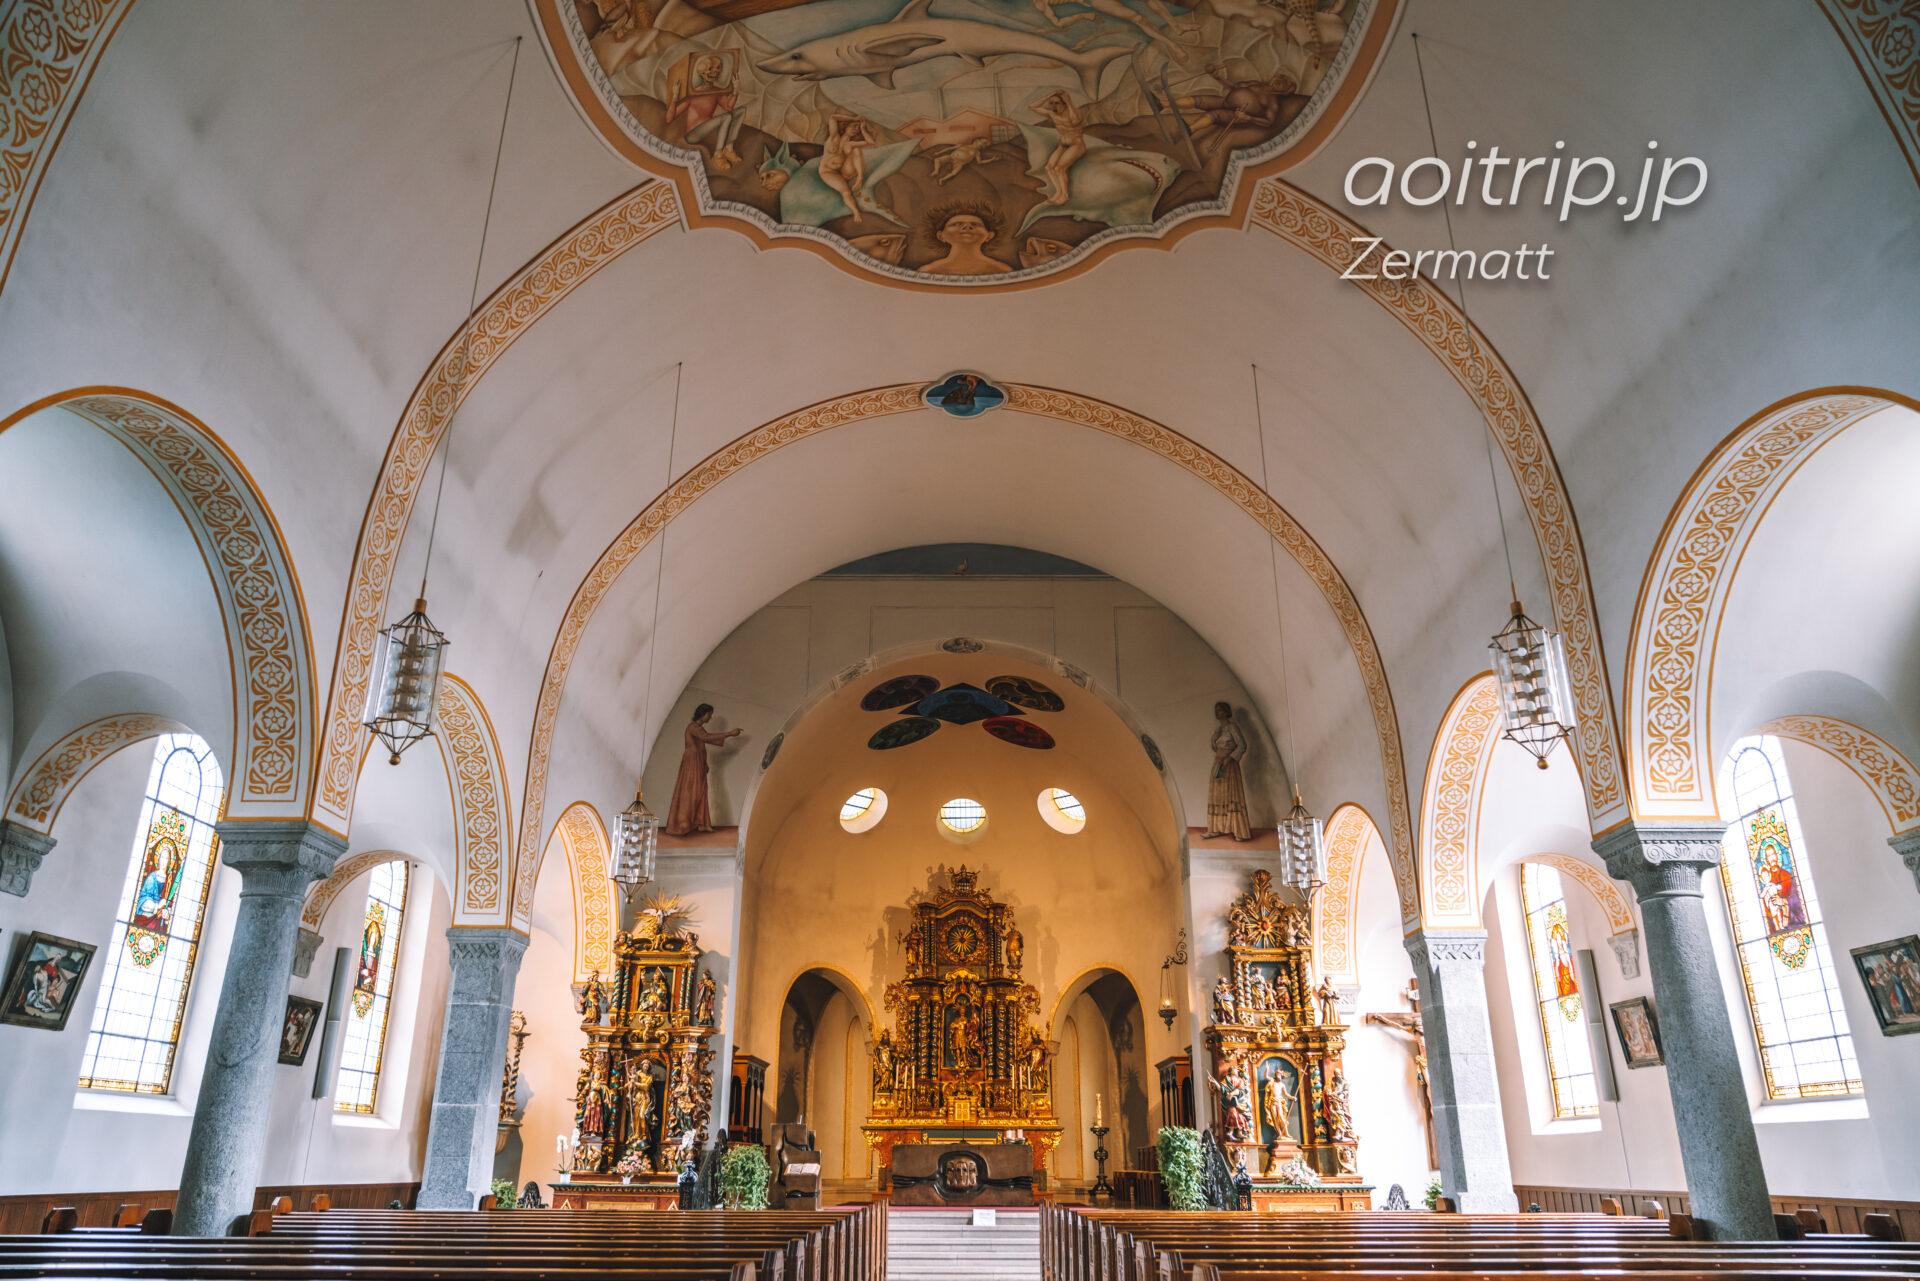 ツェルマットの教会内部